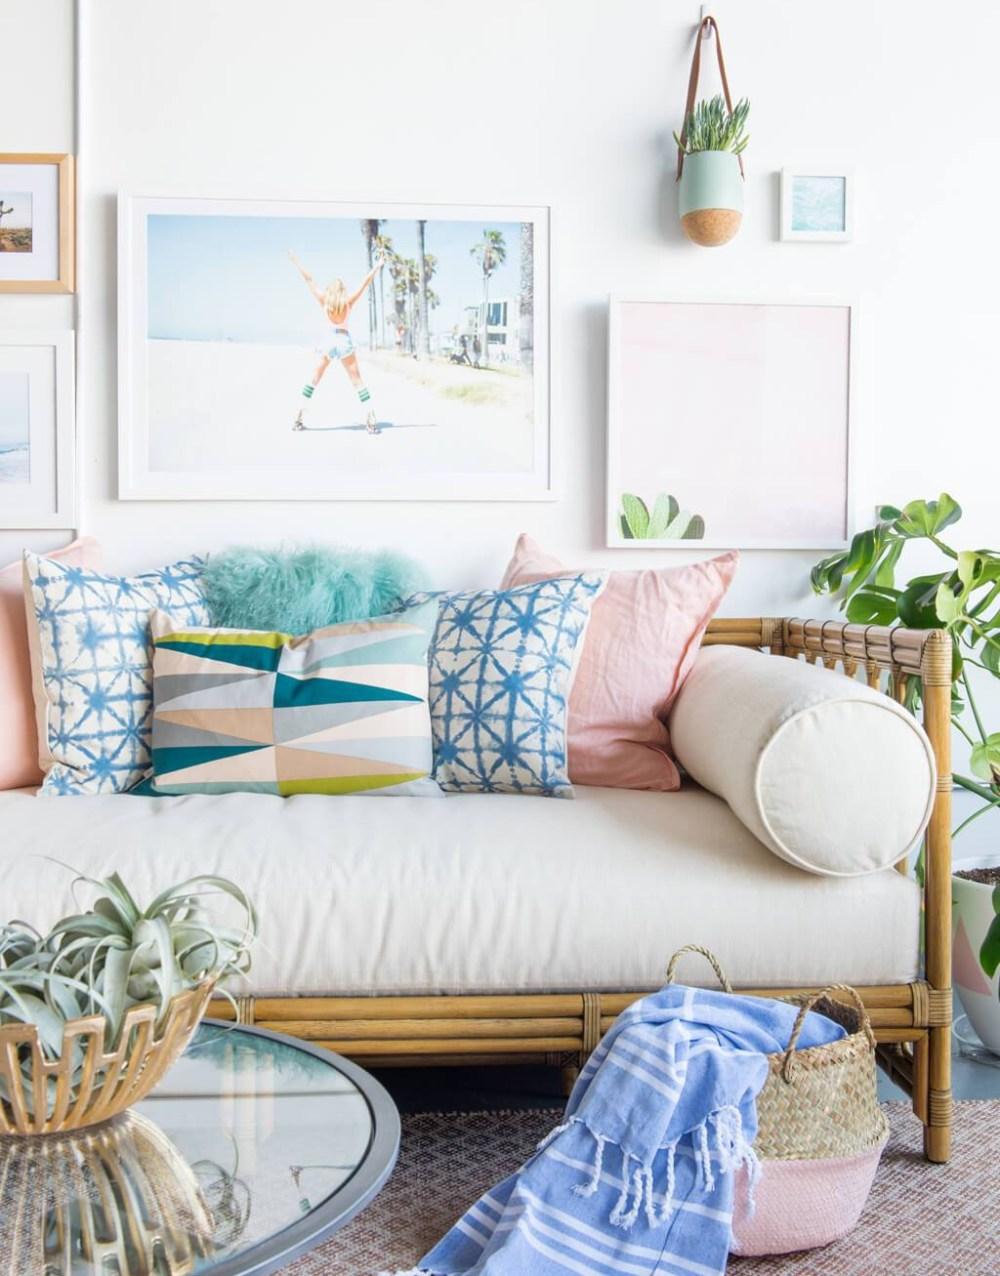 12 Desain Ruang Tamu Sederhana Ala Coastal Cottage